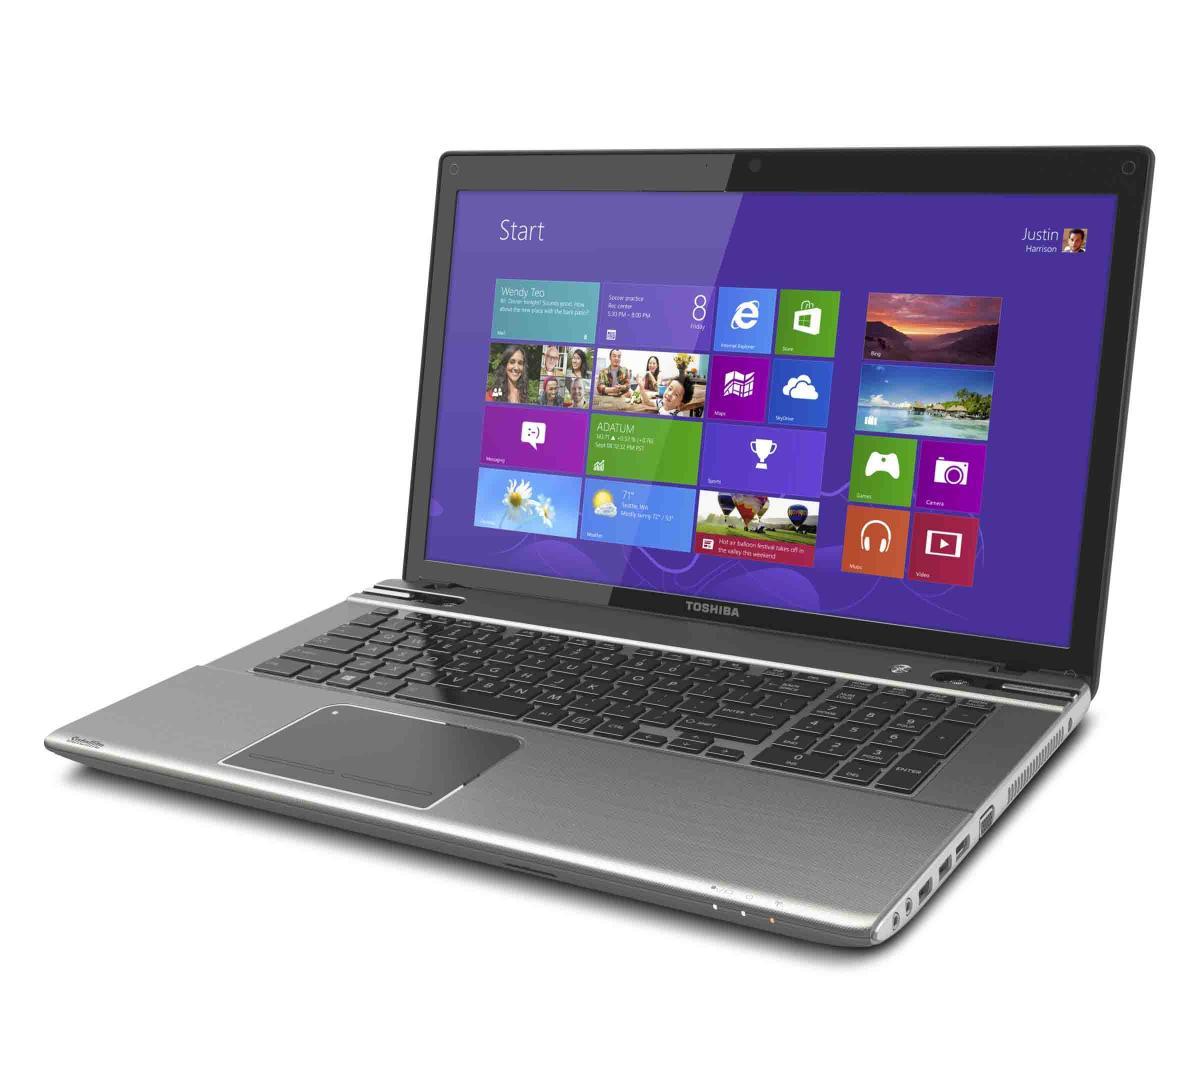 La línea 2013 de computadoras Toshiba ha sido revelada